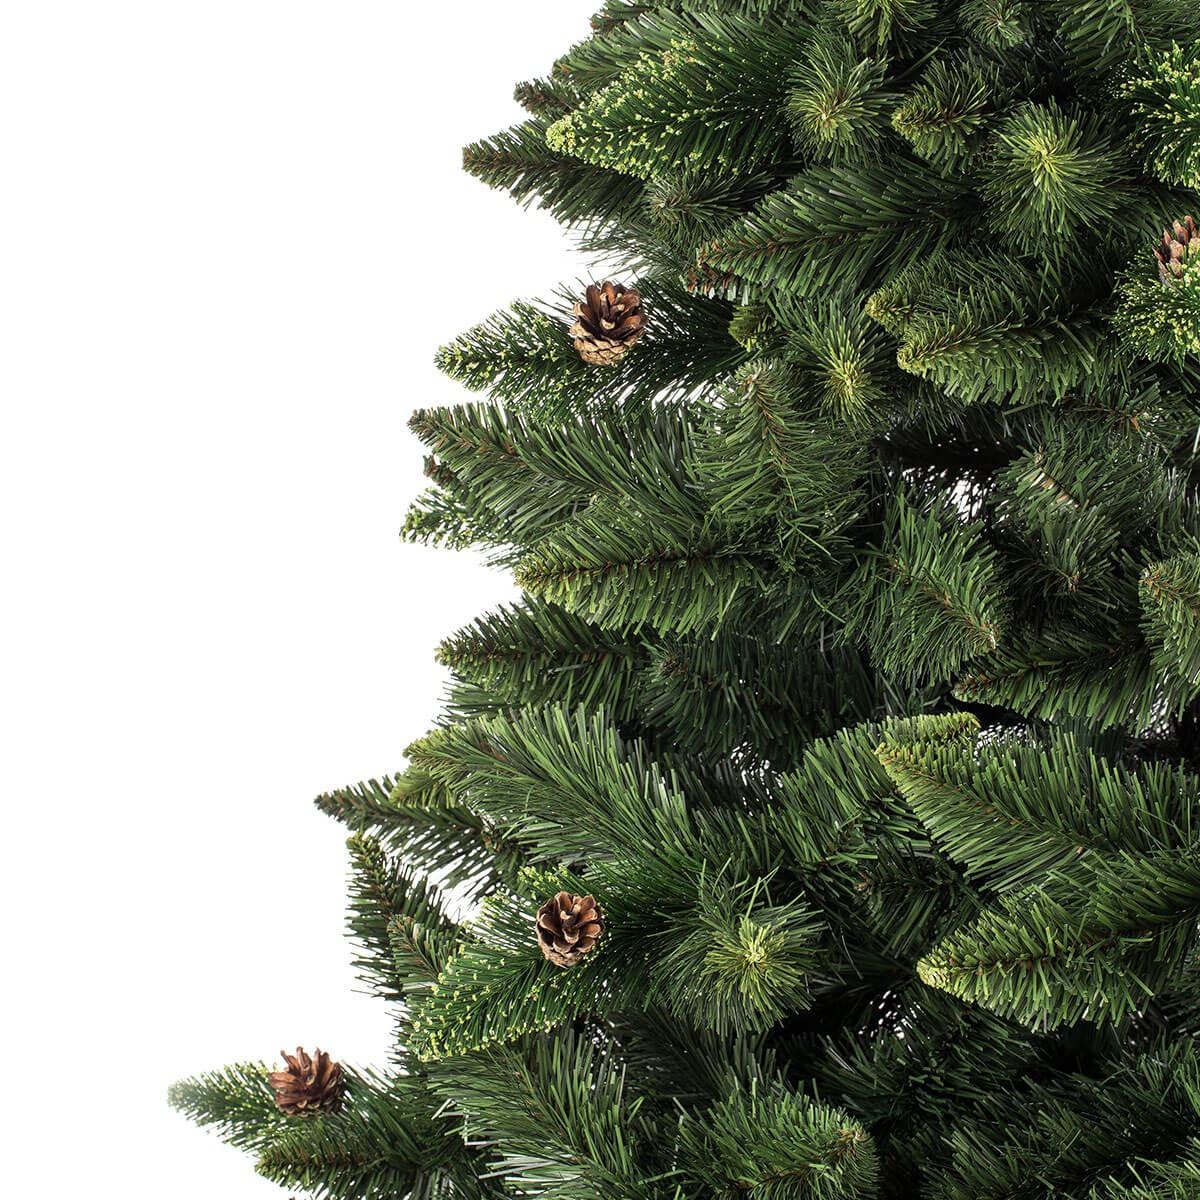 180cm k nstlicher weihnachtsbaum kiefer natur gr n. Black Bedroom Furniture Sets. Home Design Ideas